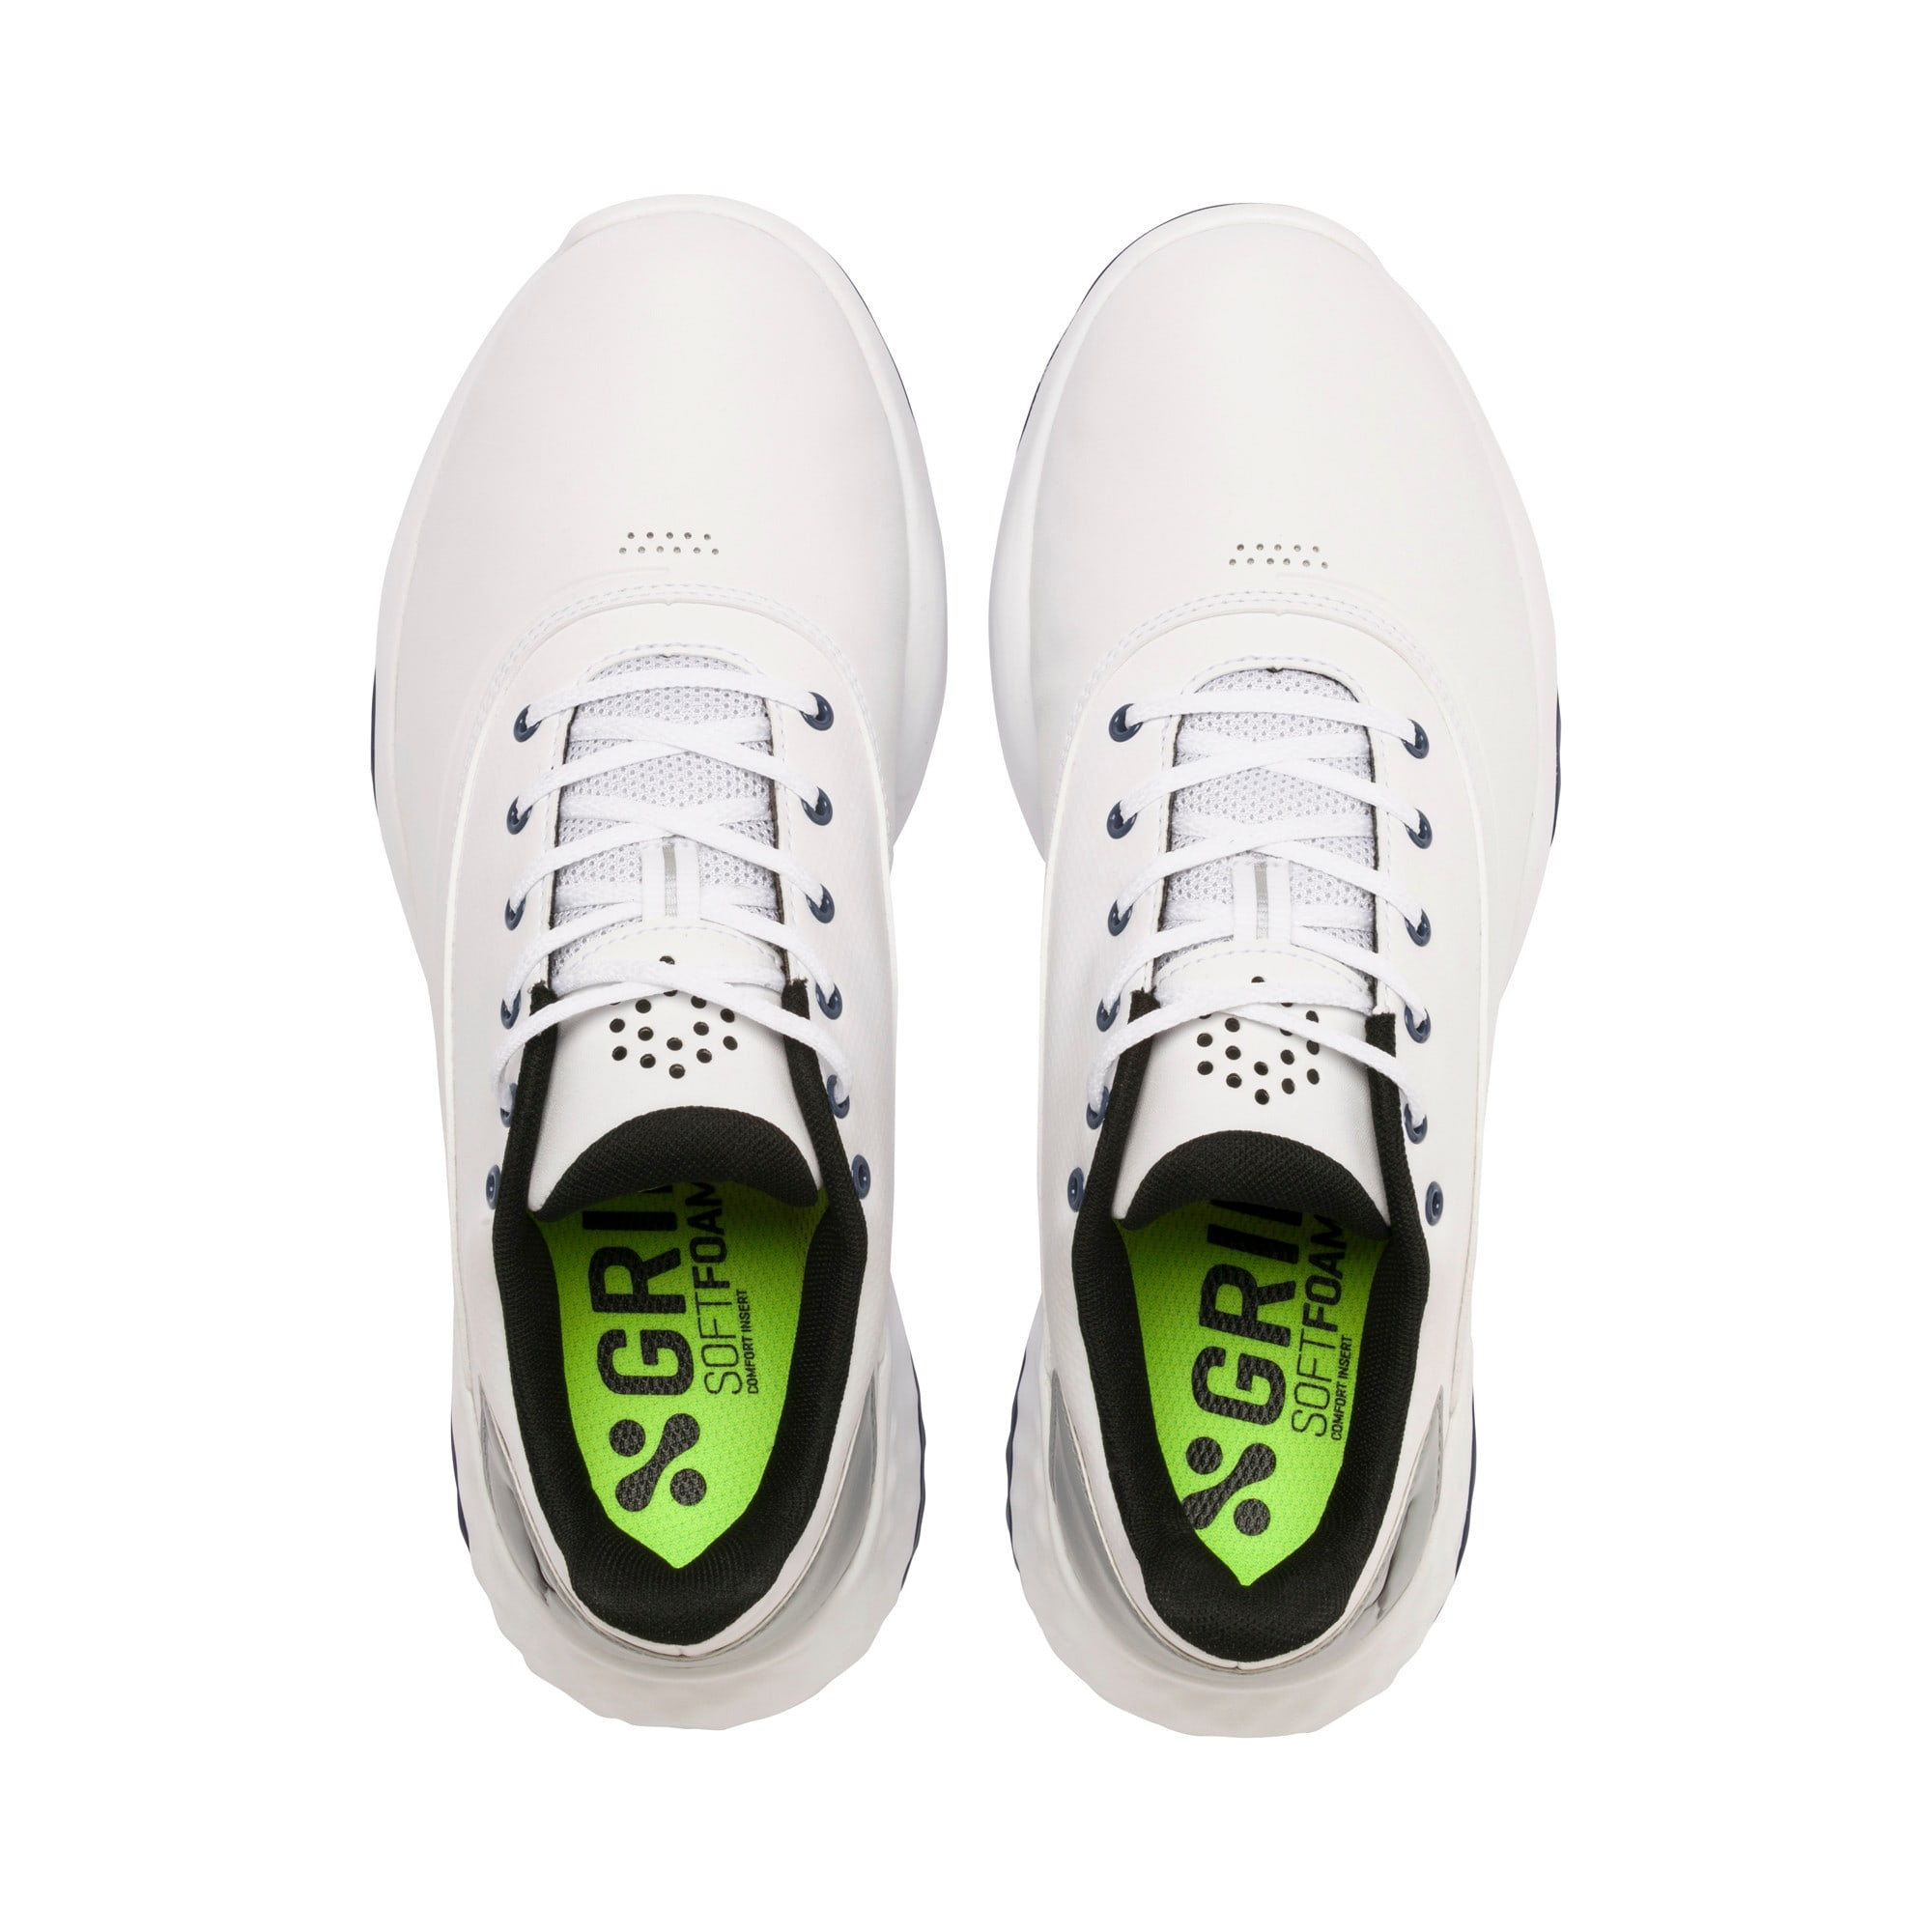 Thumbnail 6 of Chaussure de golf GRIP FUSION pour homme, White-Black-TRUE BLUE, medium